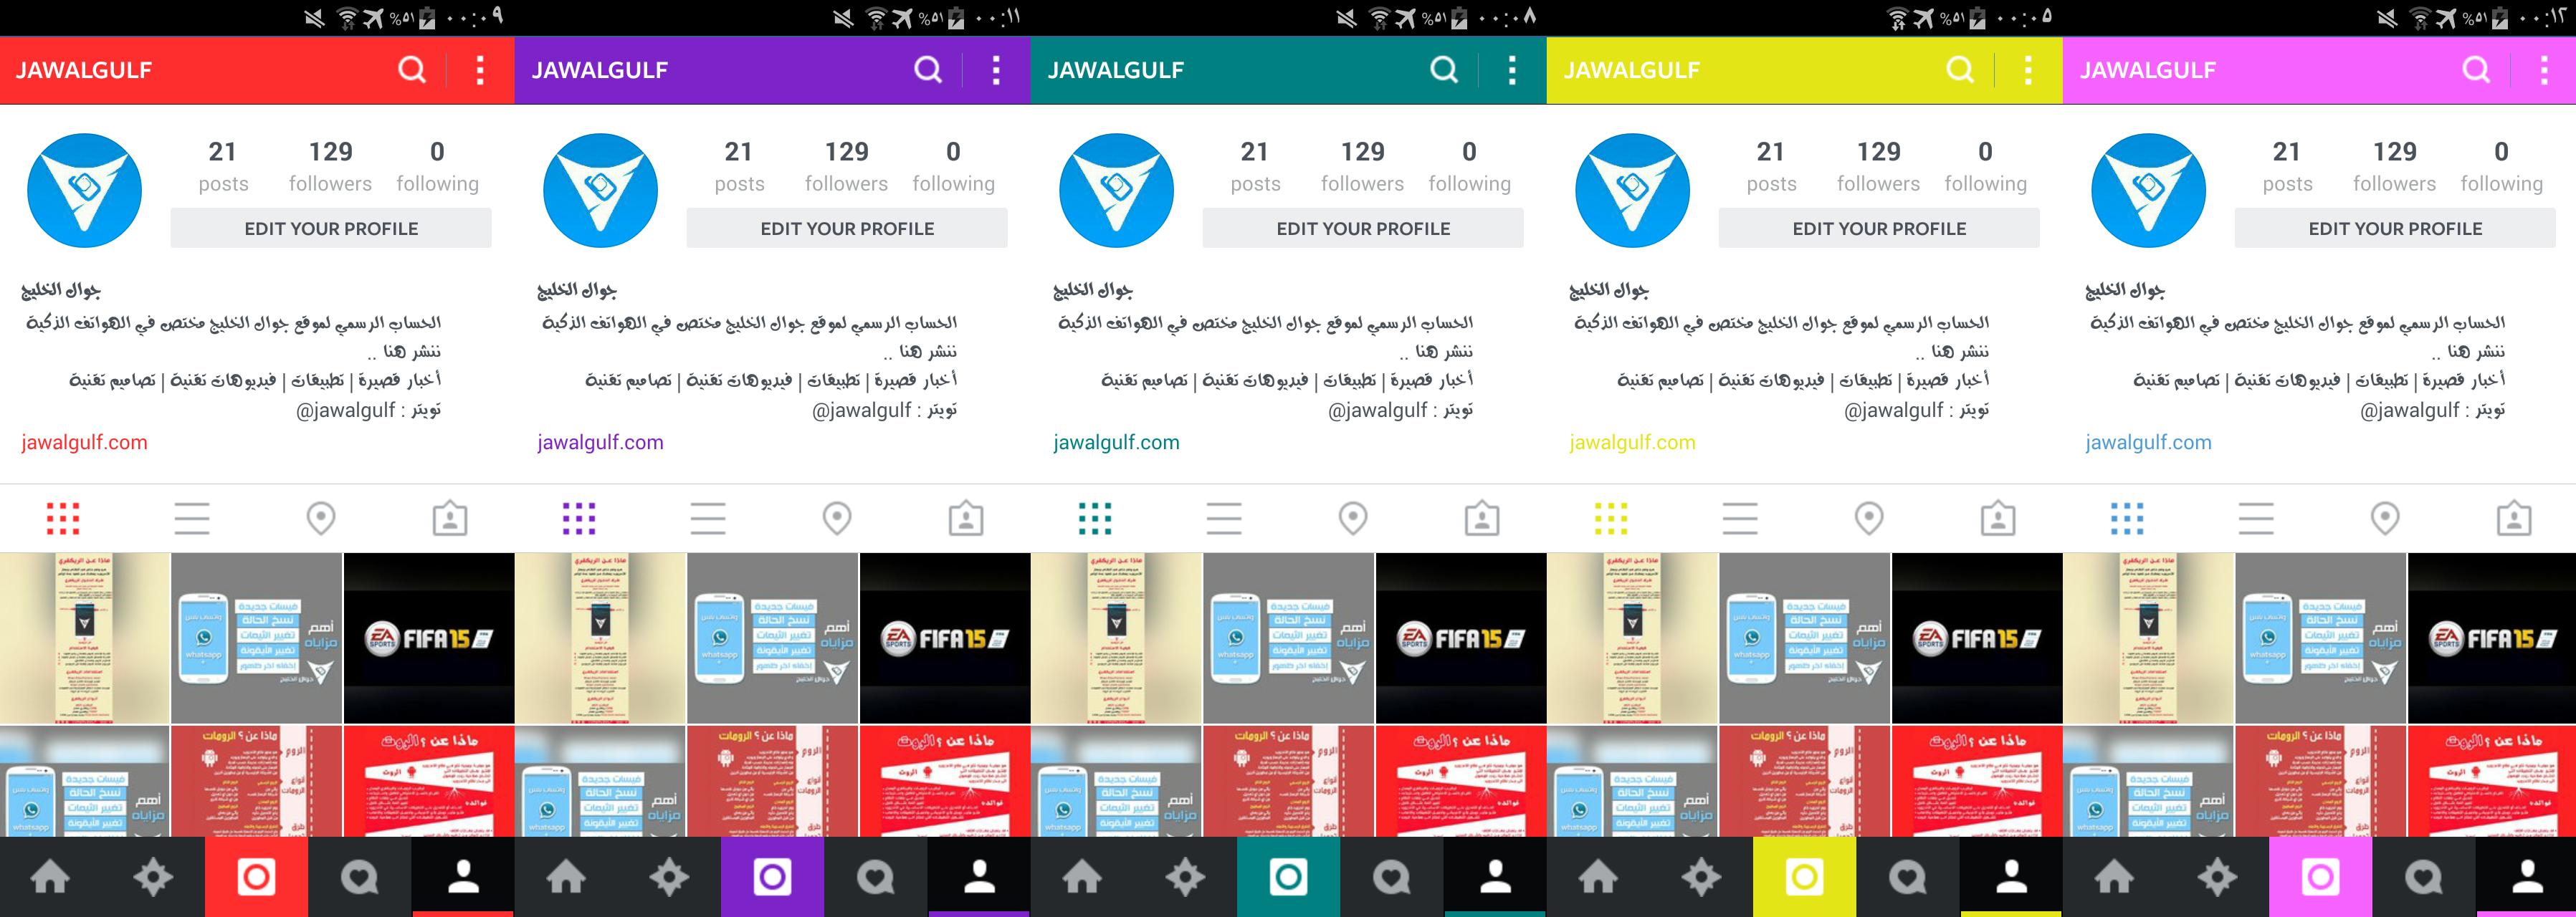 Photo of تطبيق Instagram v6.7.1 انستقرام معدل بخمسة ألوان جميلة للأندرويد [تحديث]